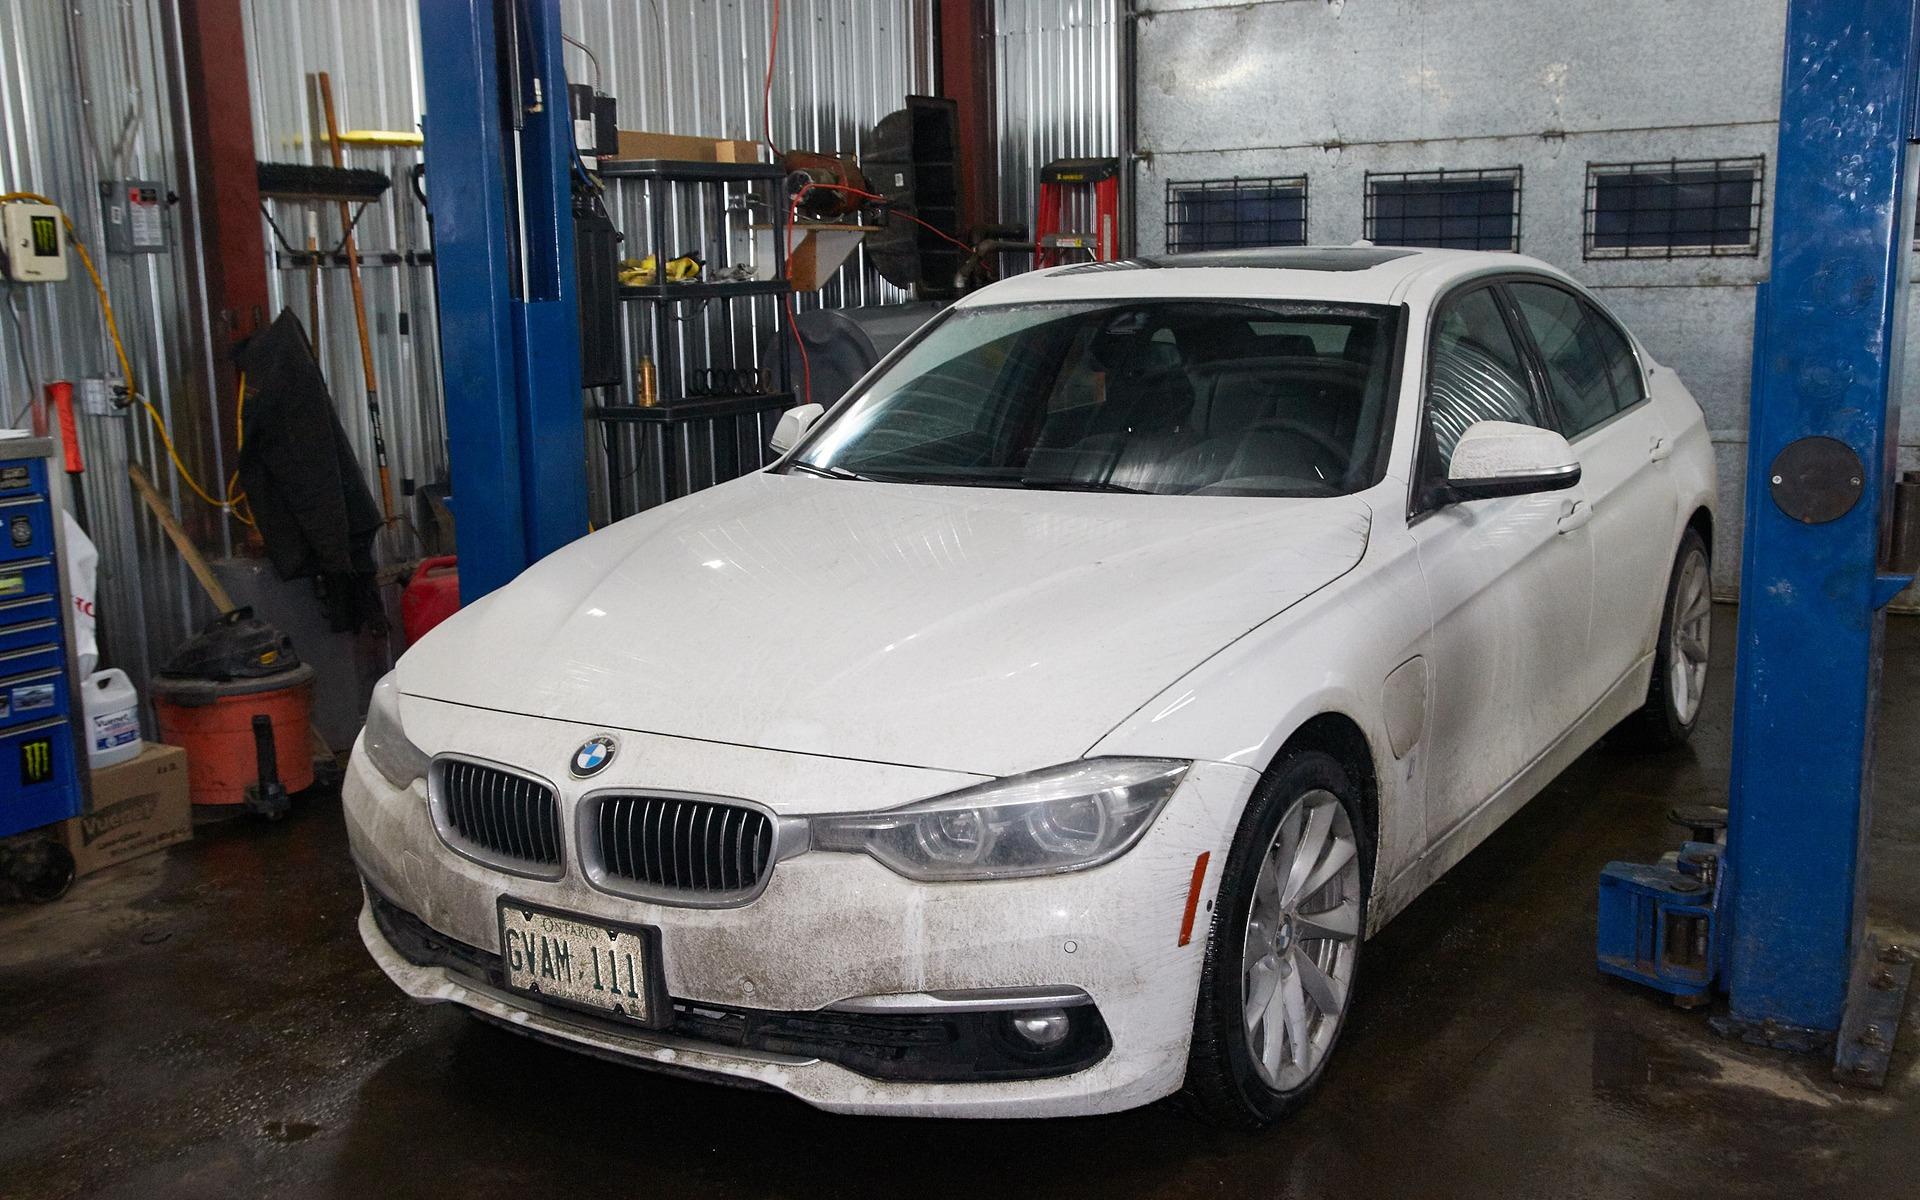 Notre BMW Série 3 hybride rechargeable, prête pour l'inspection